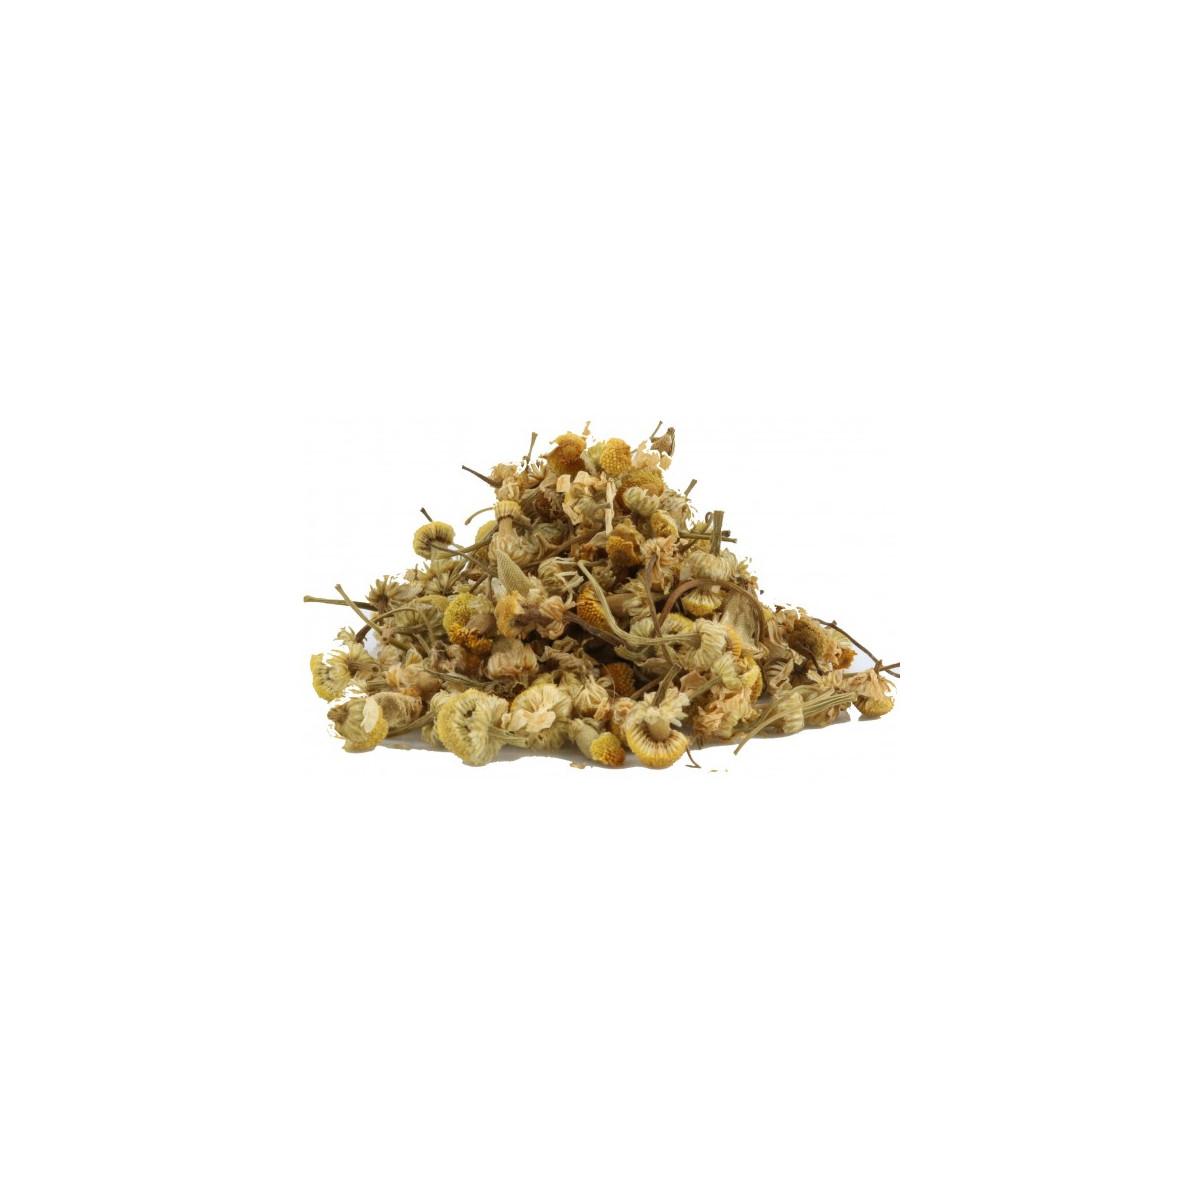 Fleurs de Camomille Sauvage 25g